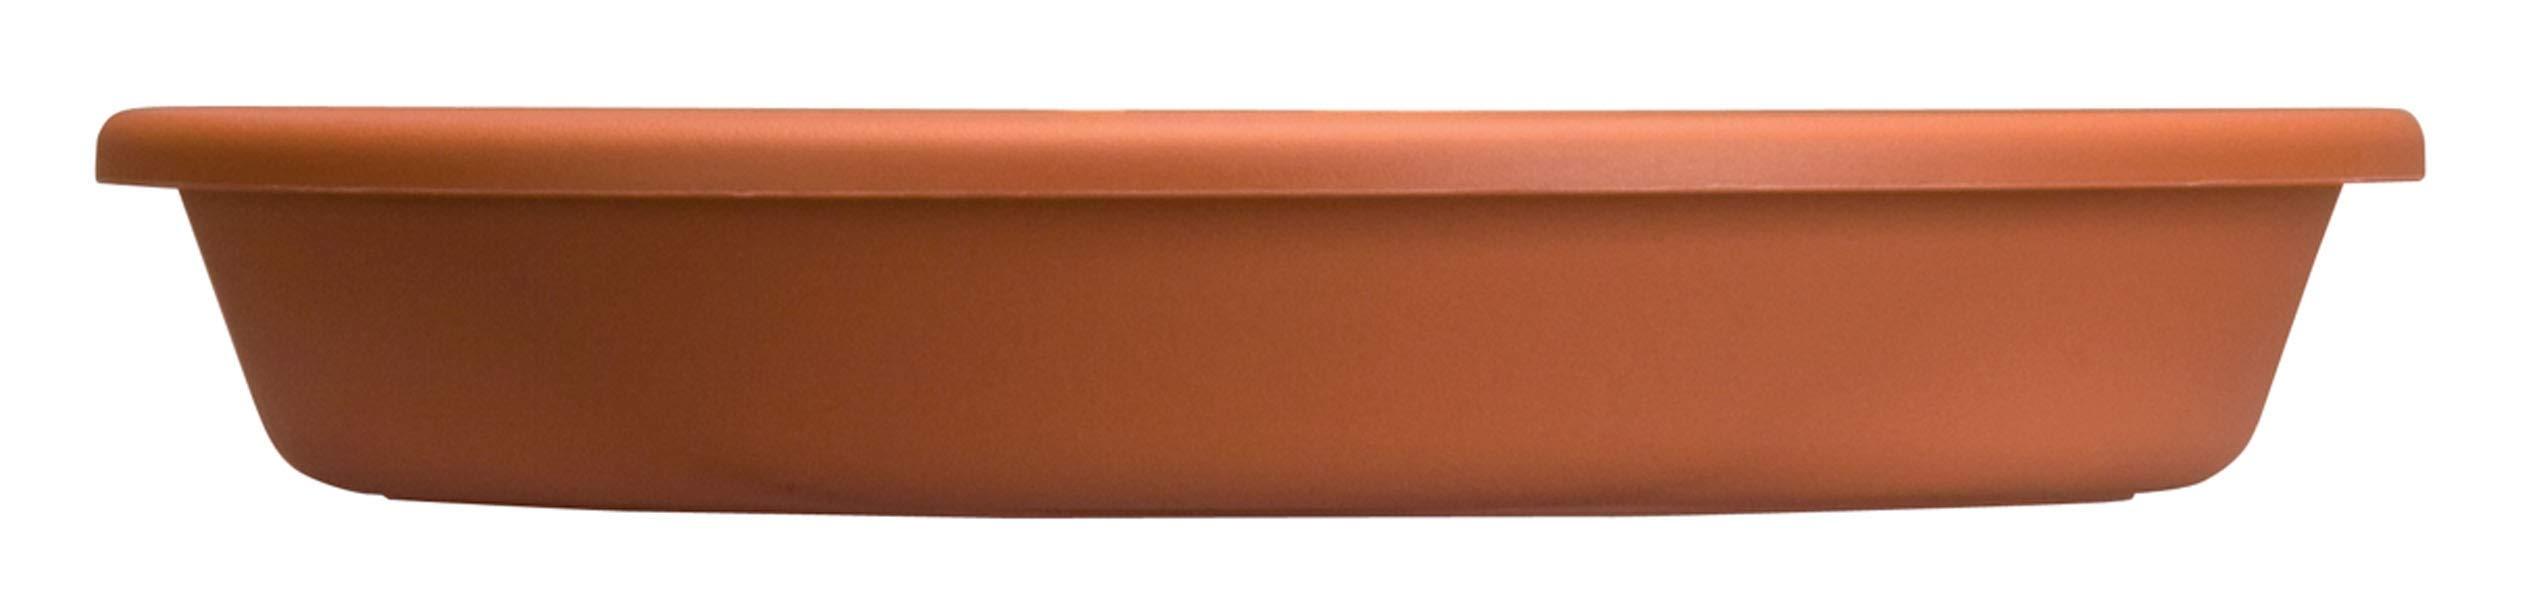 Akro Mils SLI24000E35 Deep Saucer for Classic